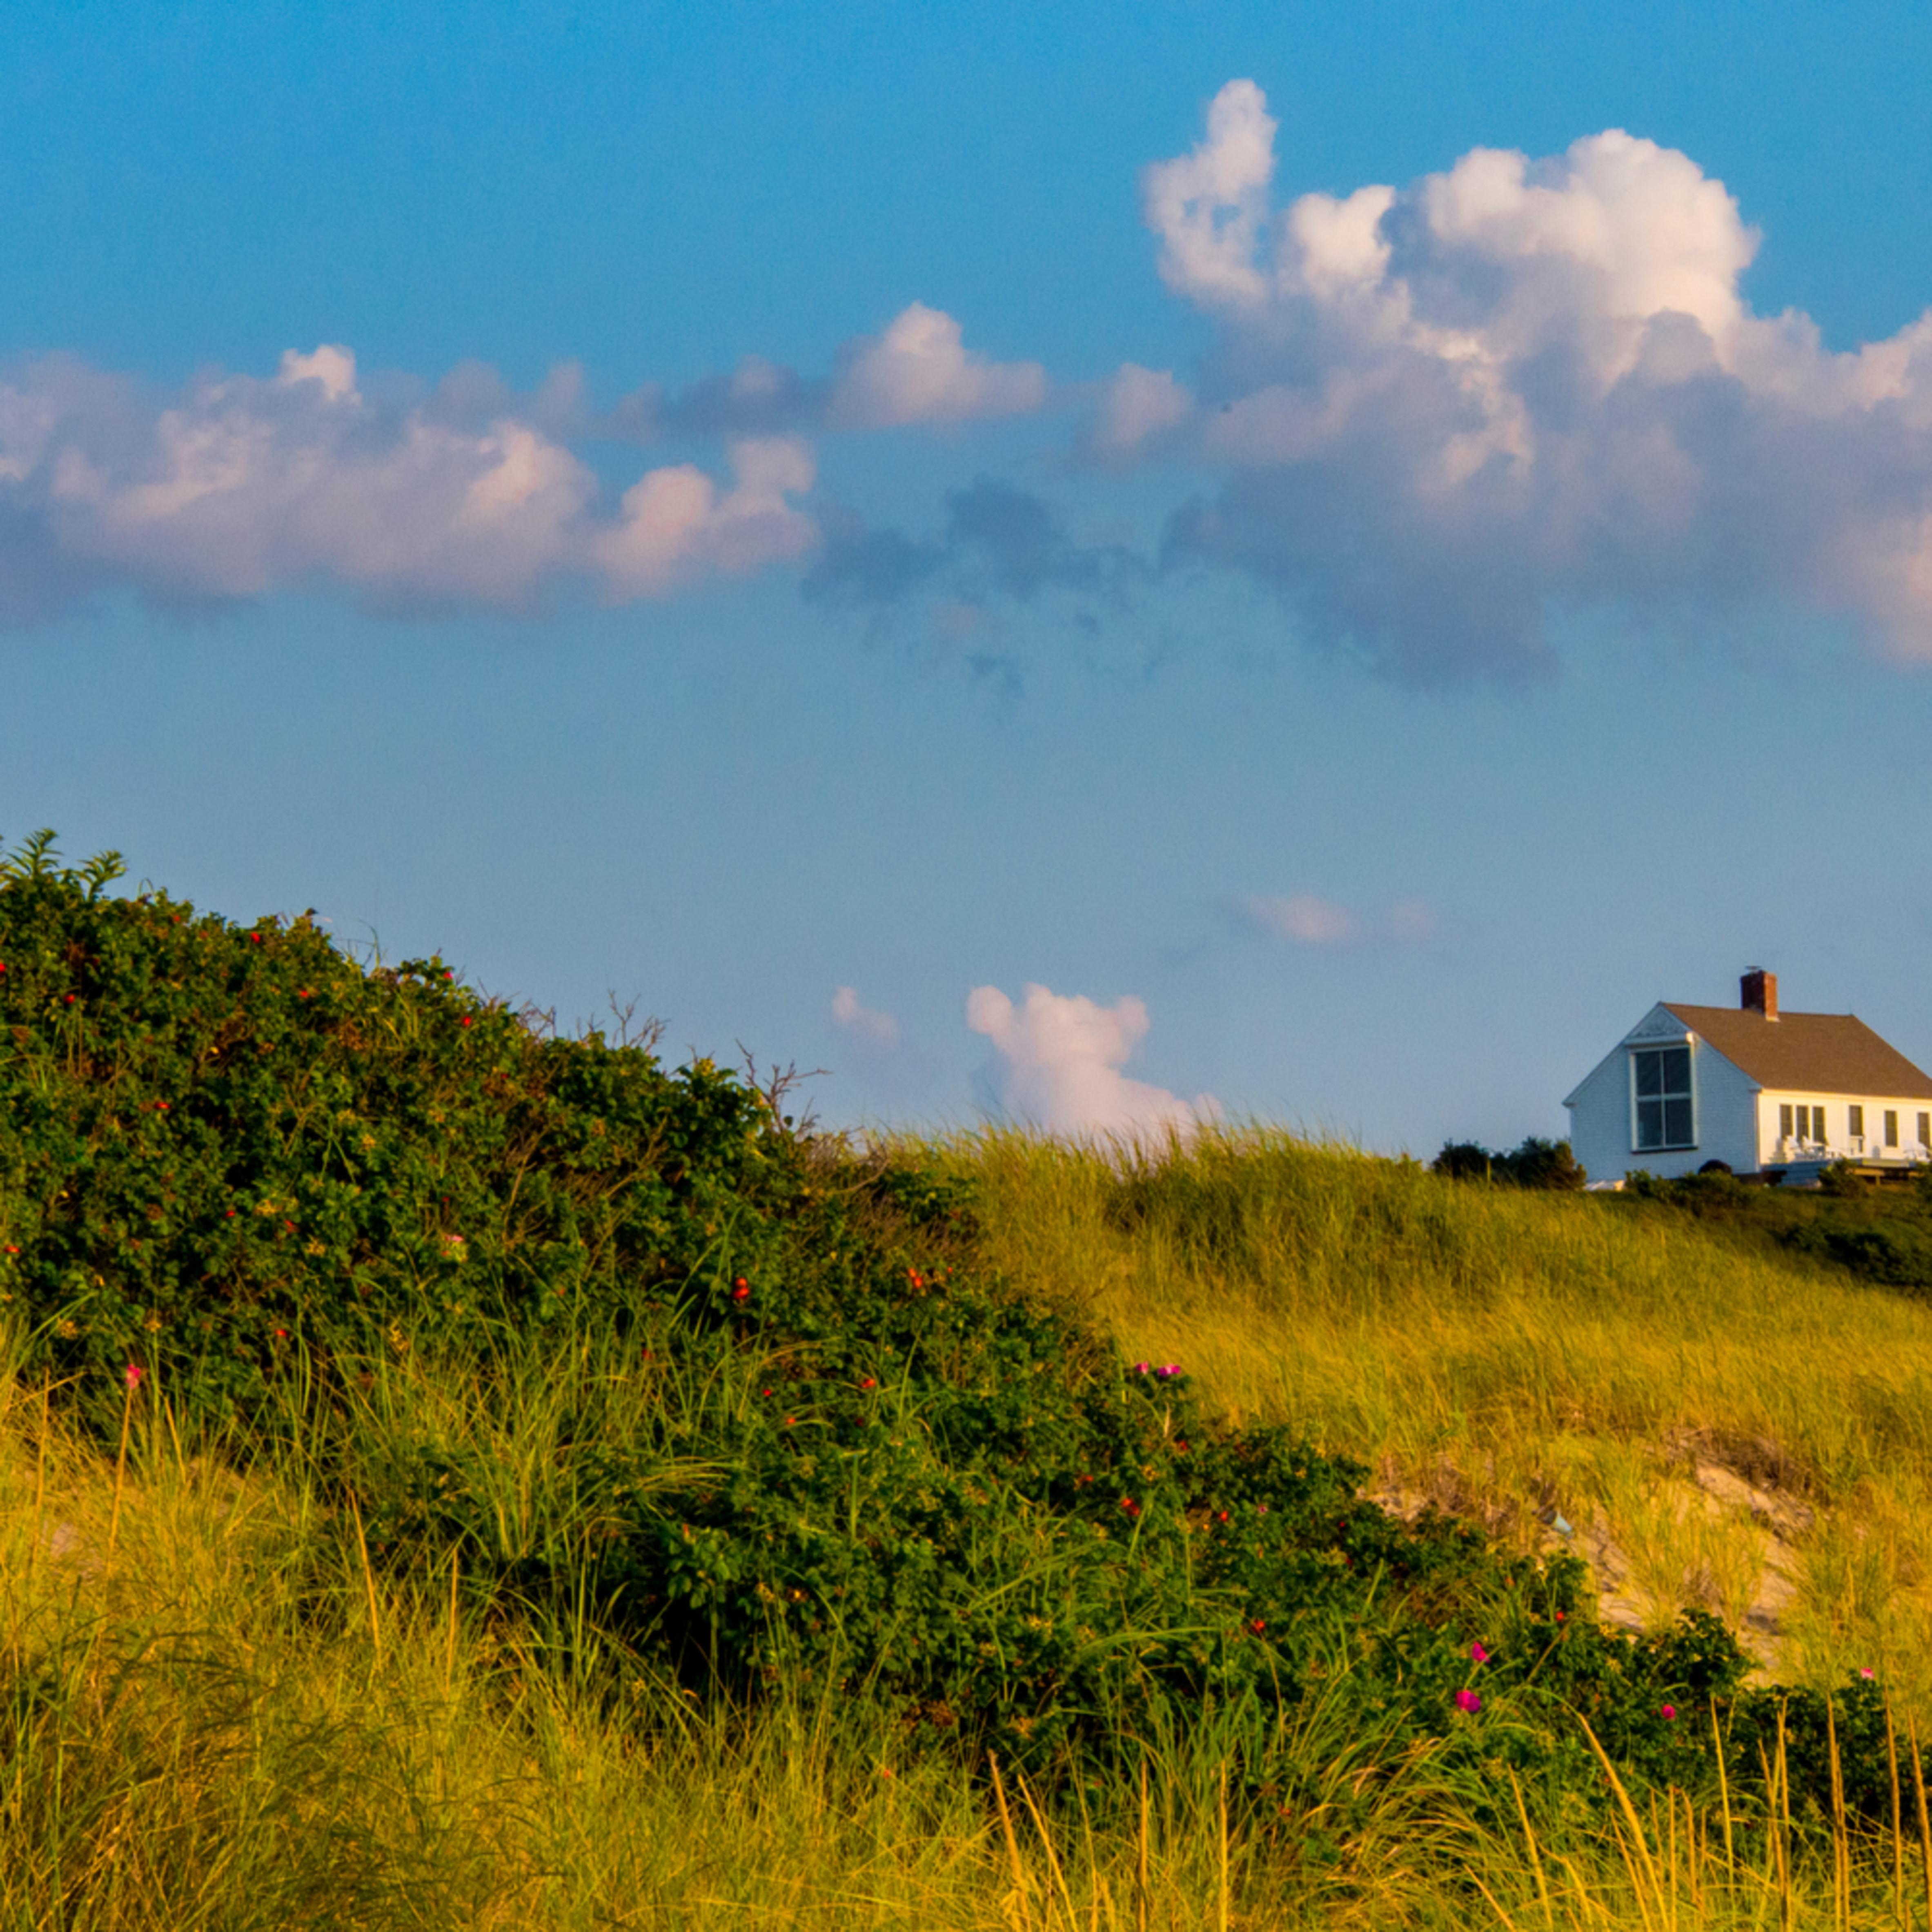 Cape cod 7 2012 17 wbp0xe